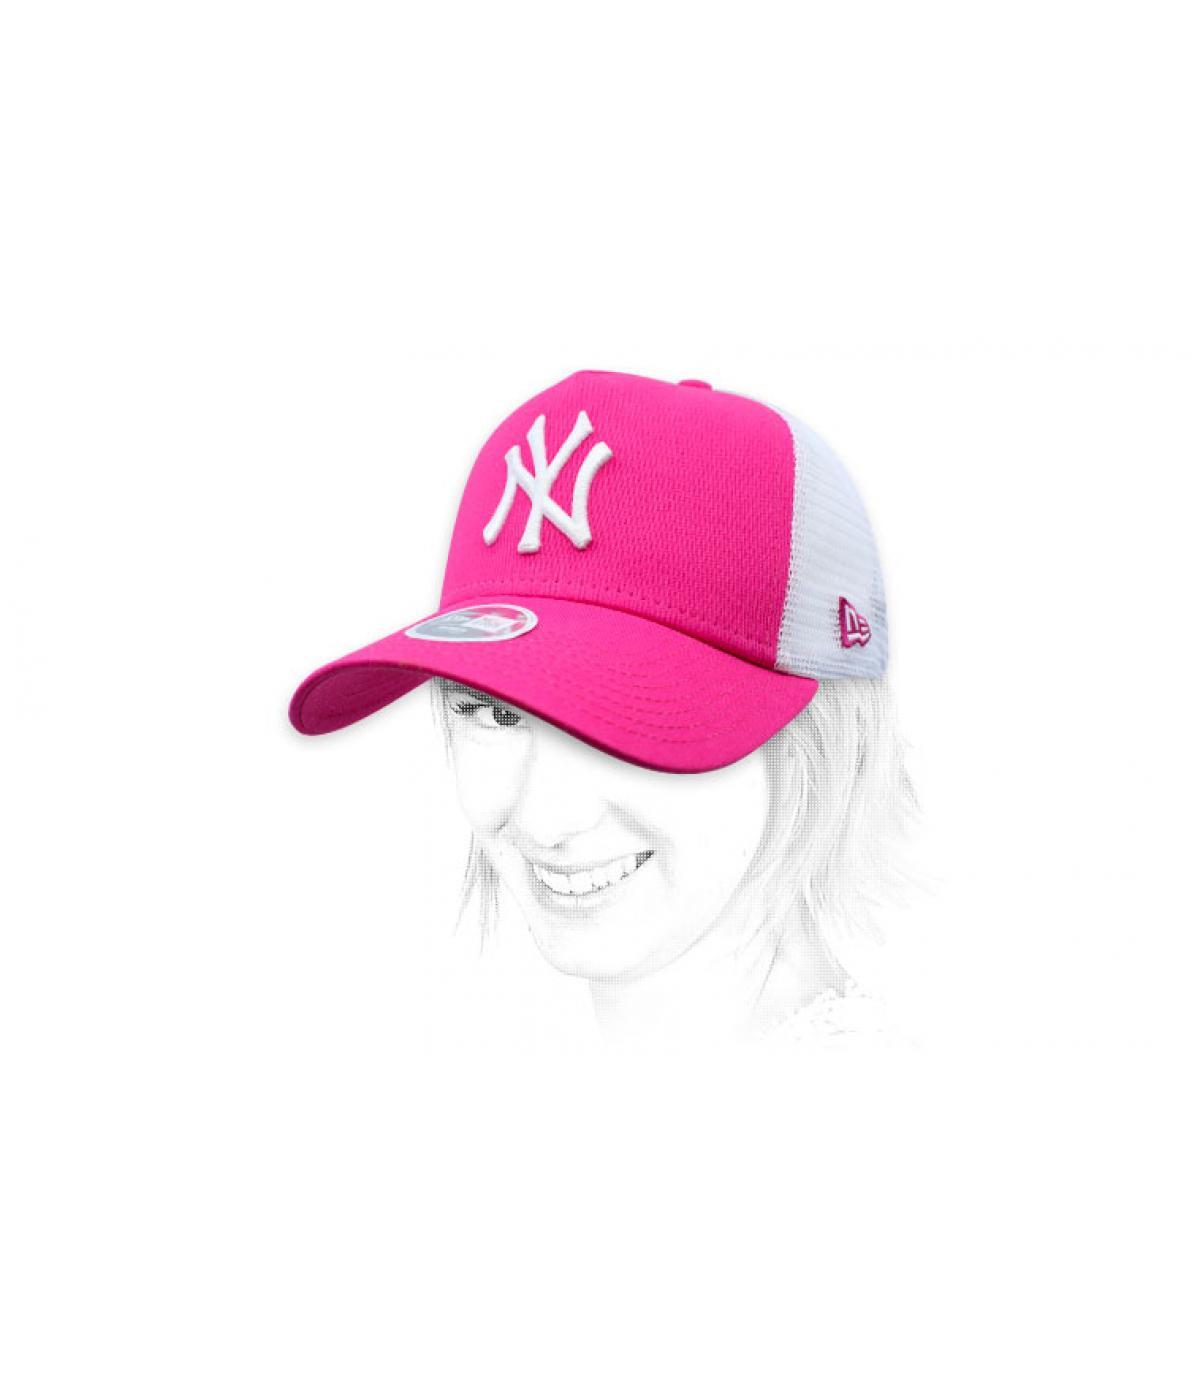 NY trucker donna rosa